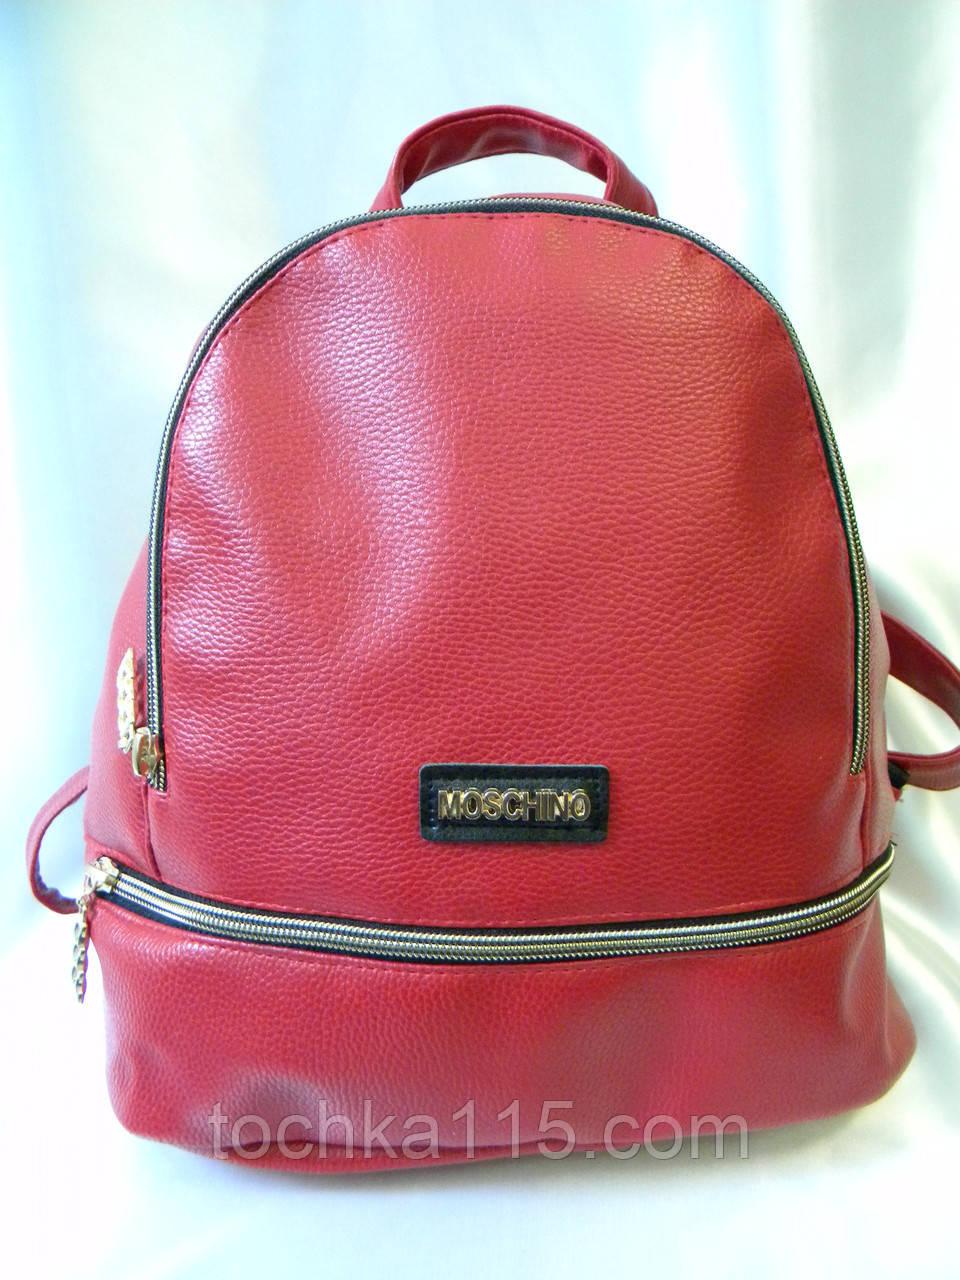 Женский рюкзак MOSCHINO кожаный красный реплика